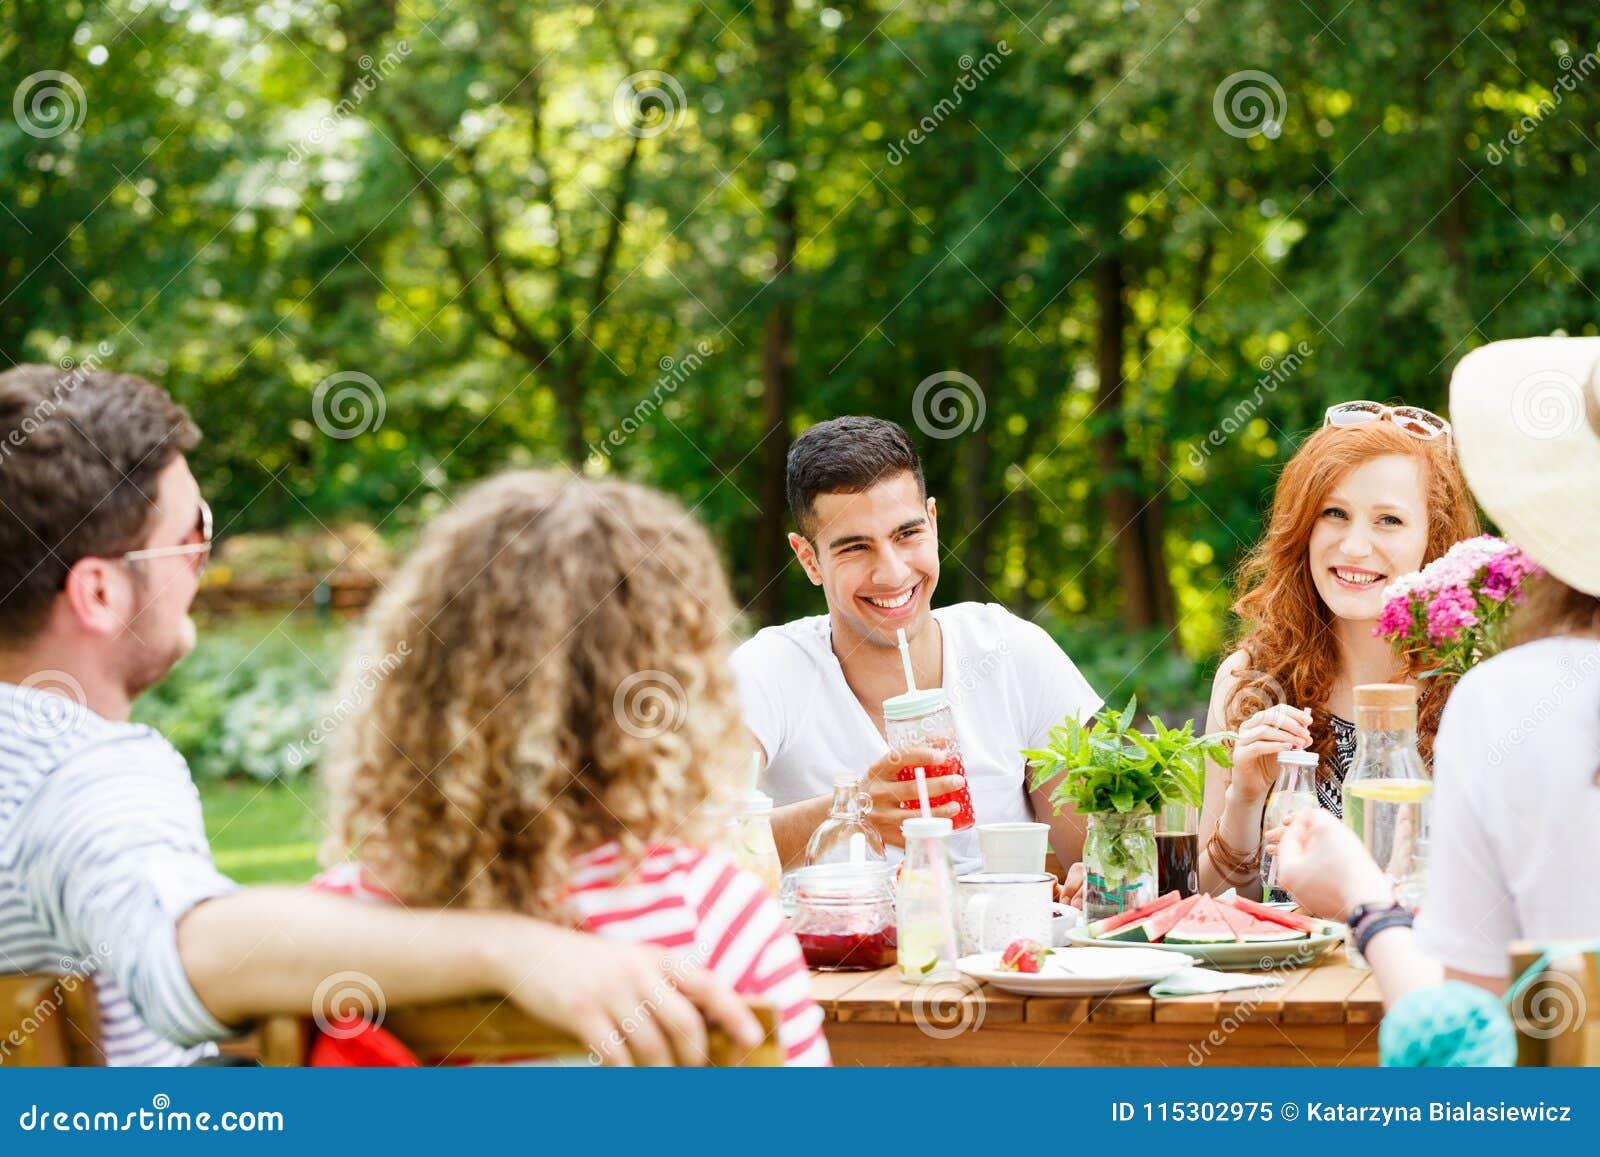 Jovens que riem e que comem